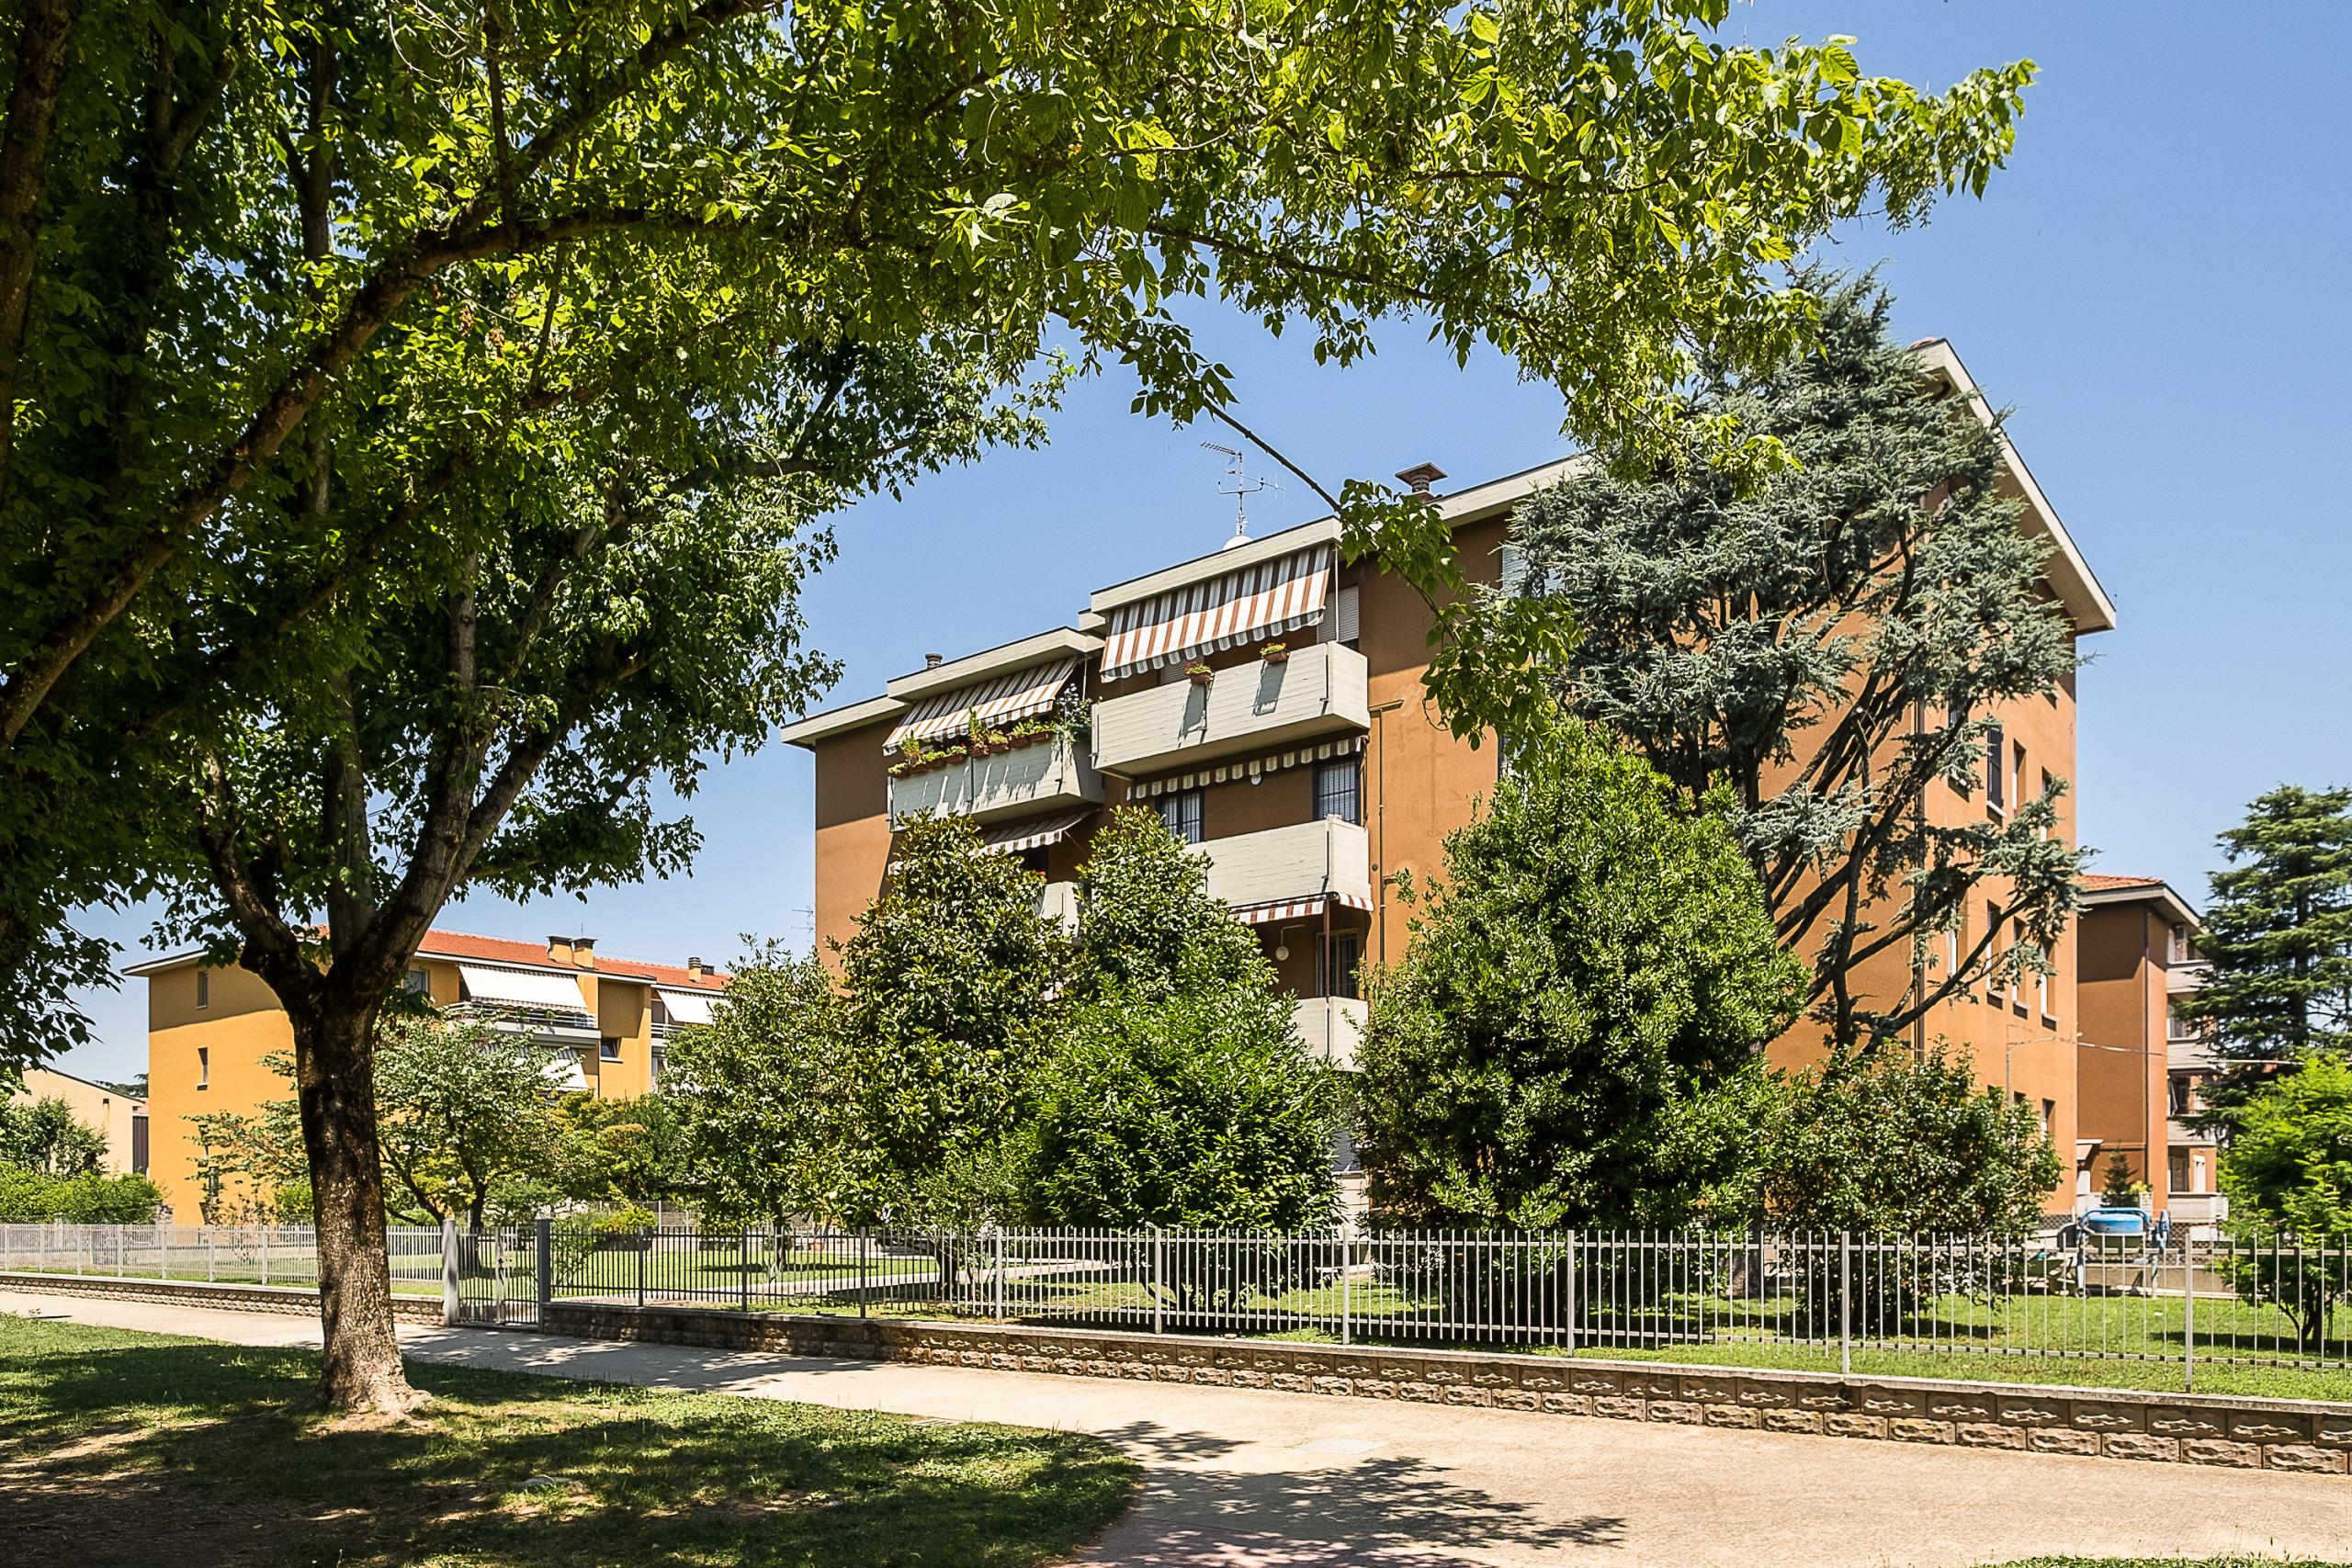 Vendita appartamento in condominio, Granarolo dell'Emilia